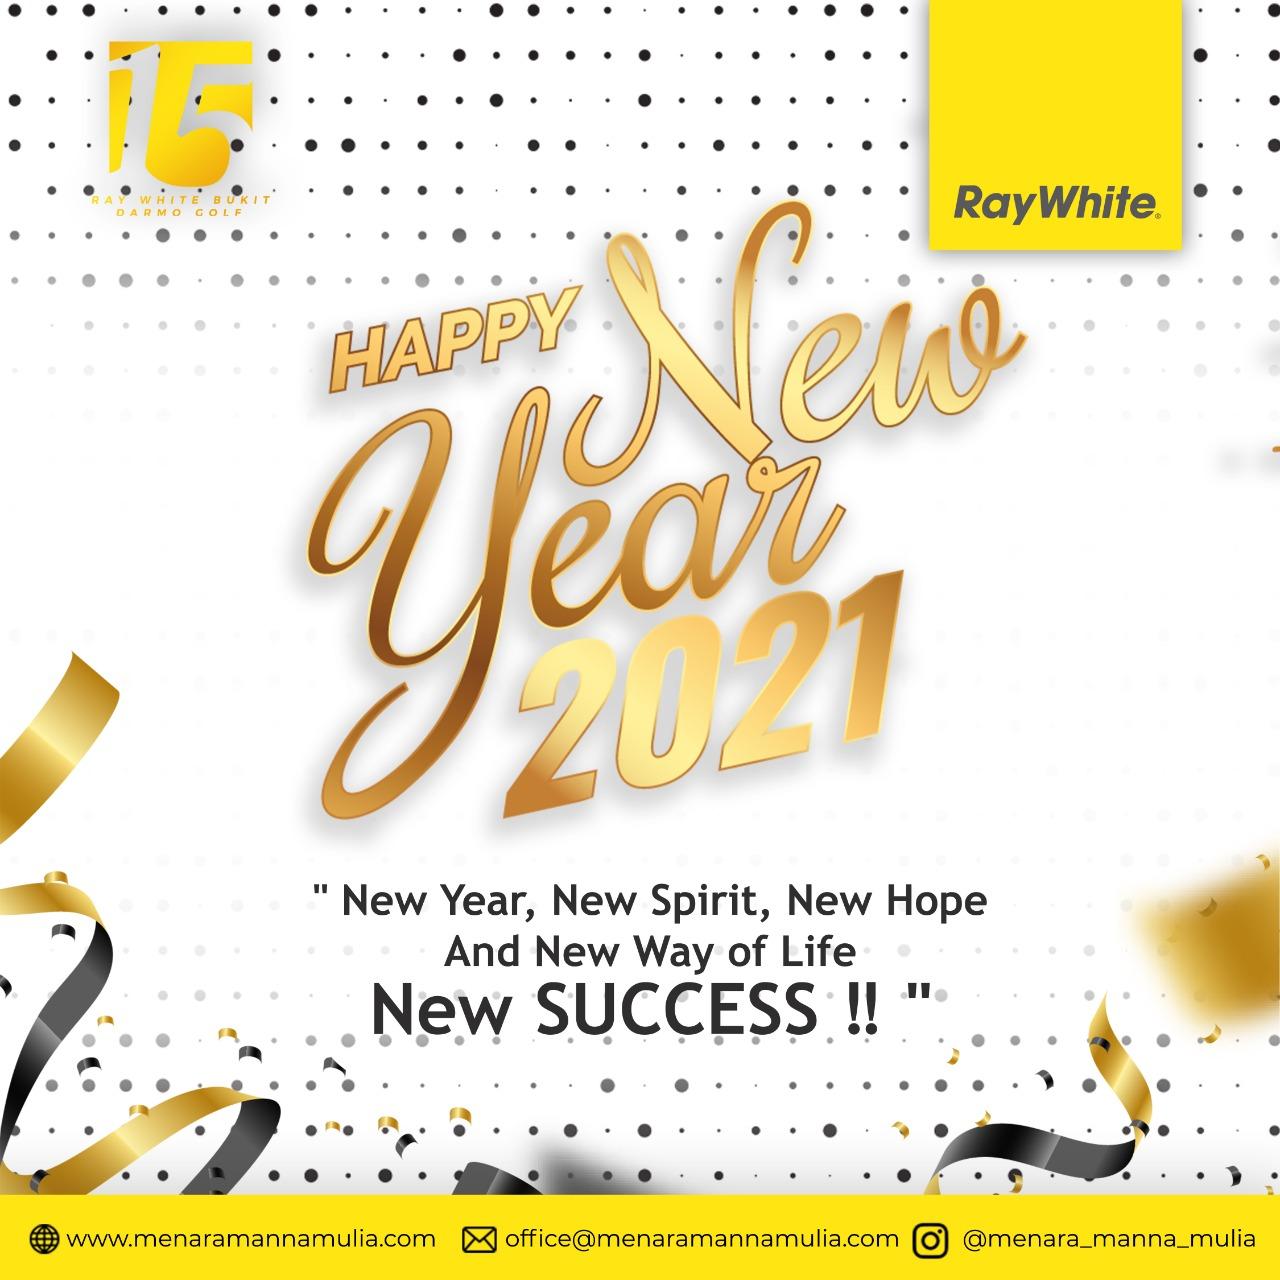 Terima Kasih 2020, Selamat Datang 2021 Selamat Tahun Baru